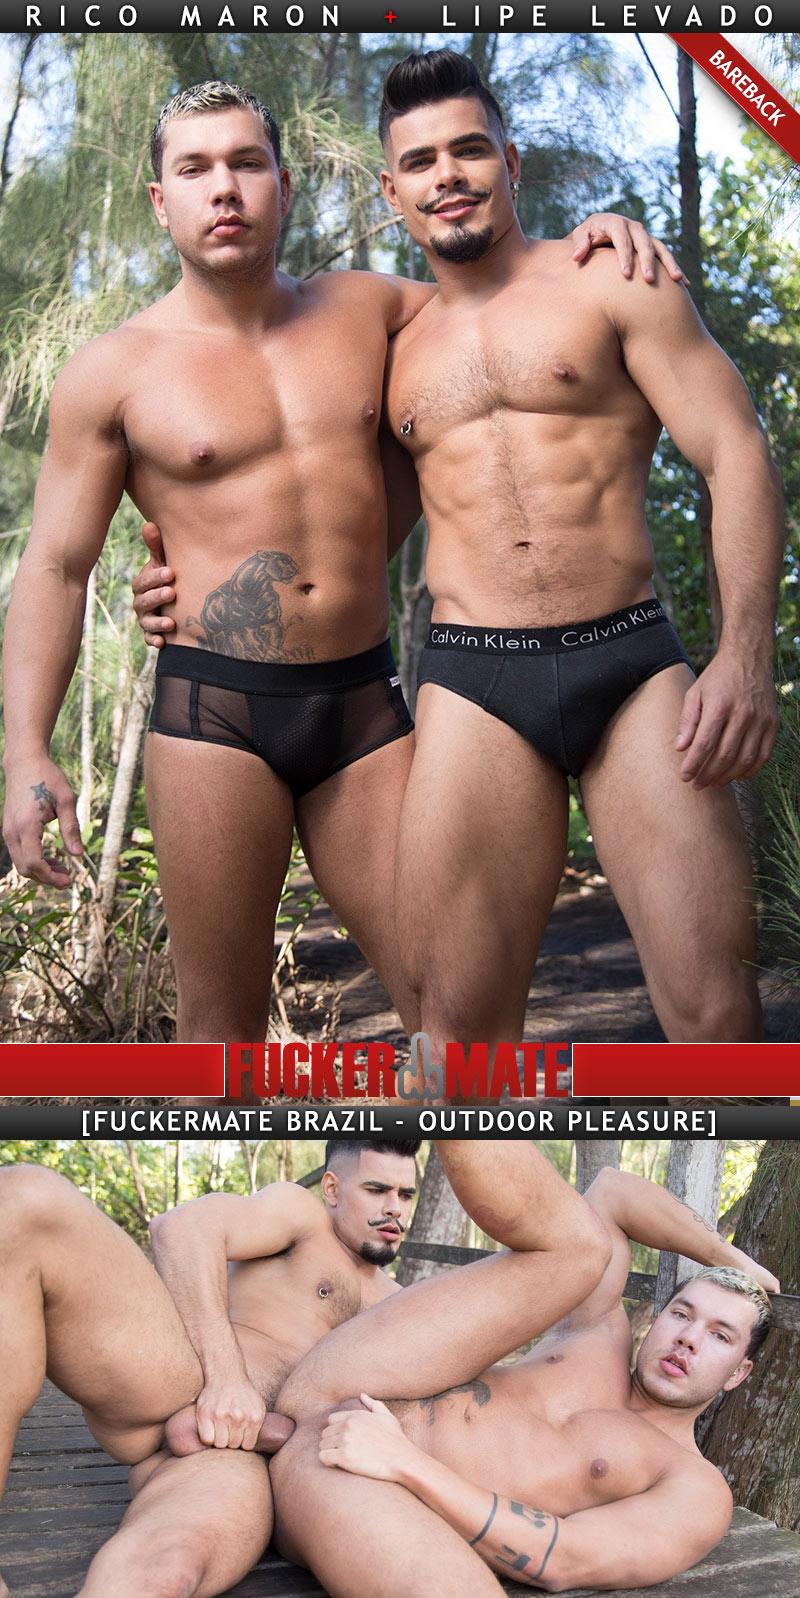 Outdoor Pleasure - Rico Marlon and Lipe Levado Cover